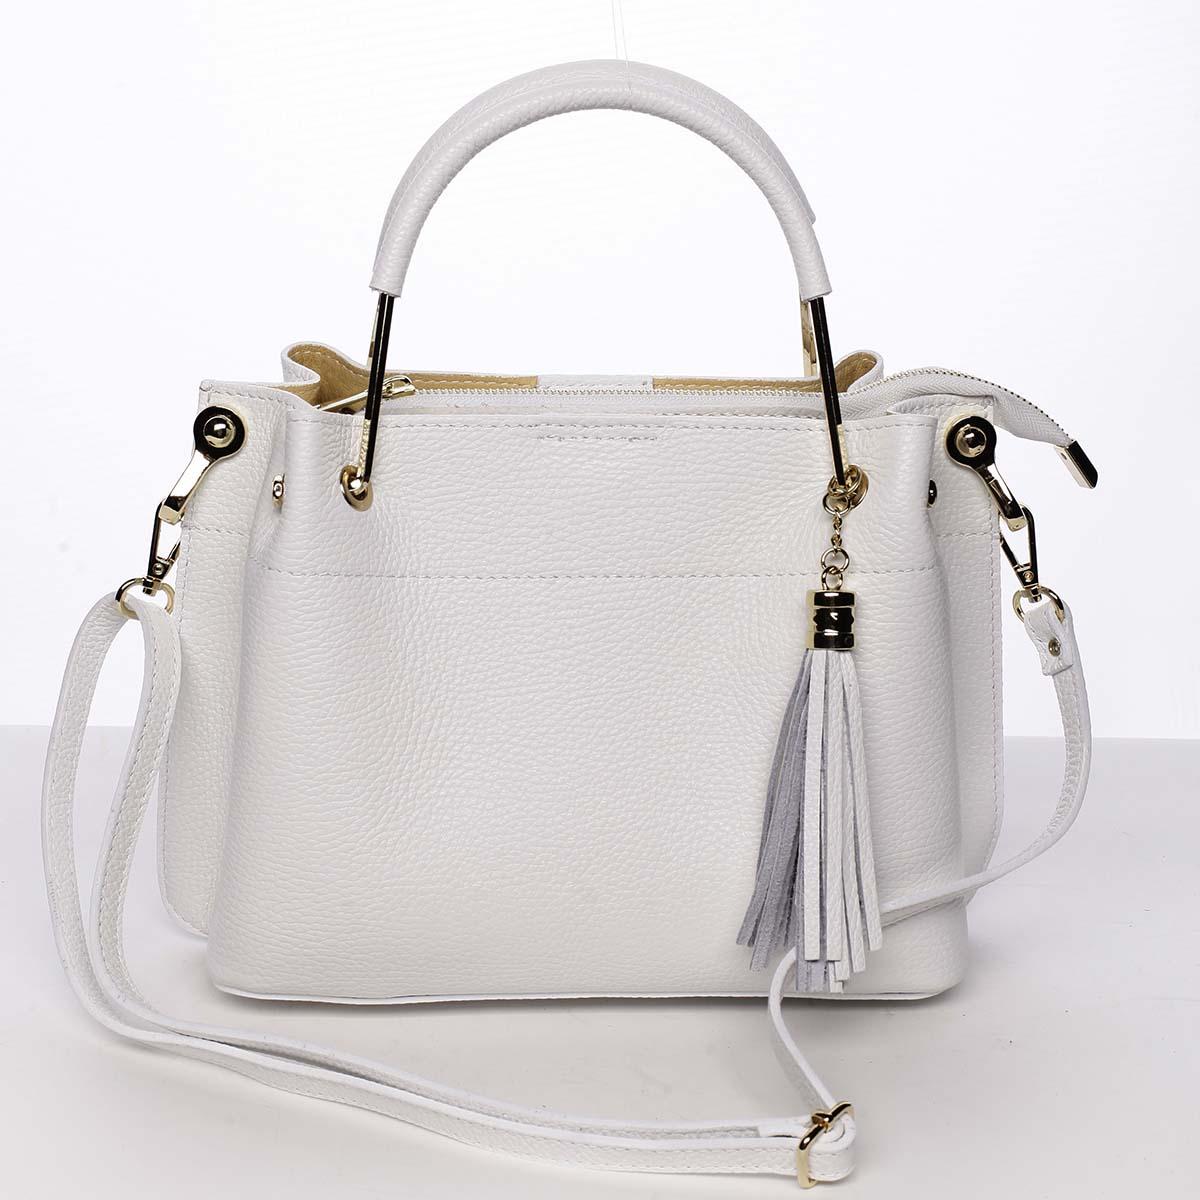 Exkluzivní dámská kožená kabelka bílá - ItalY Maarj